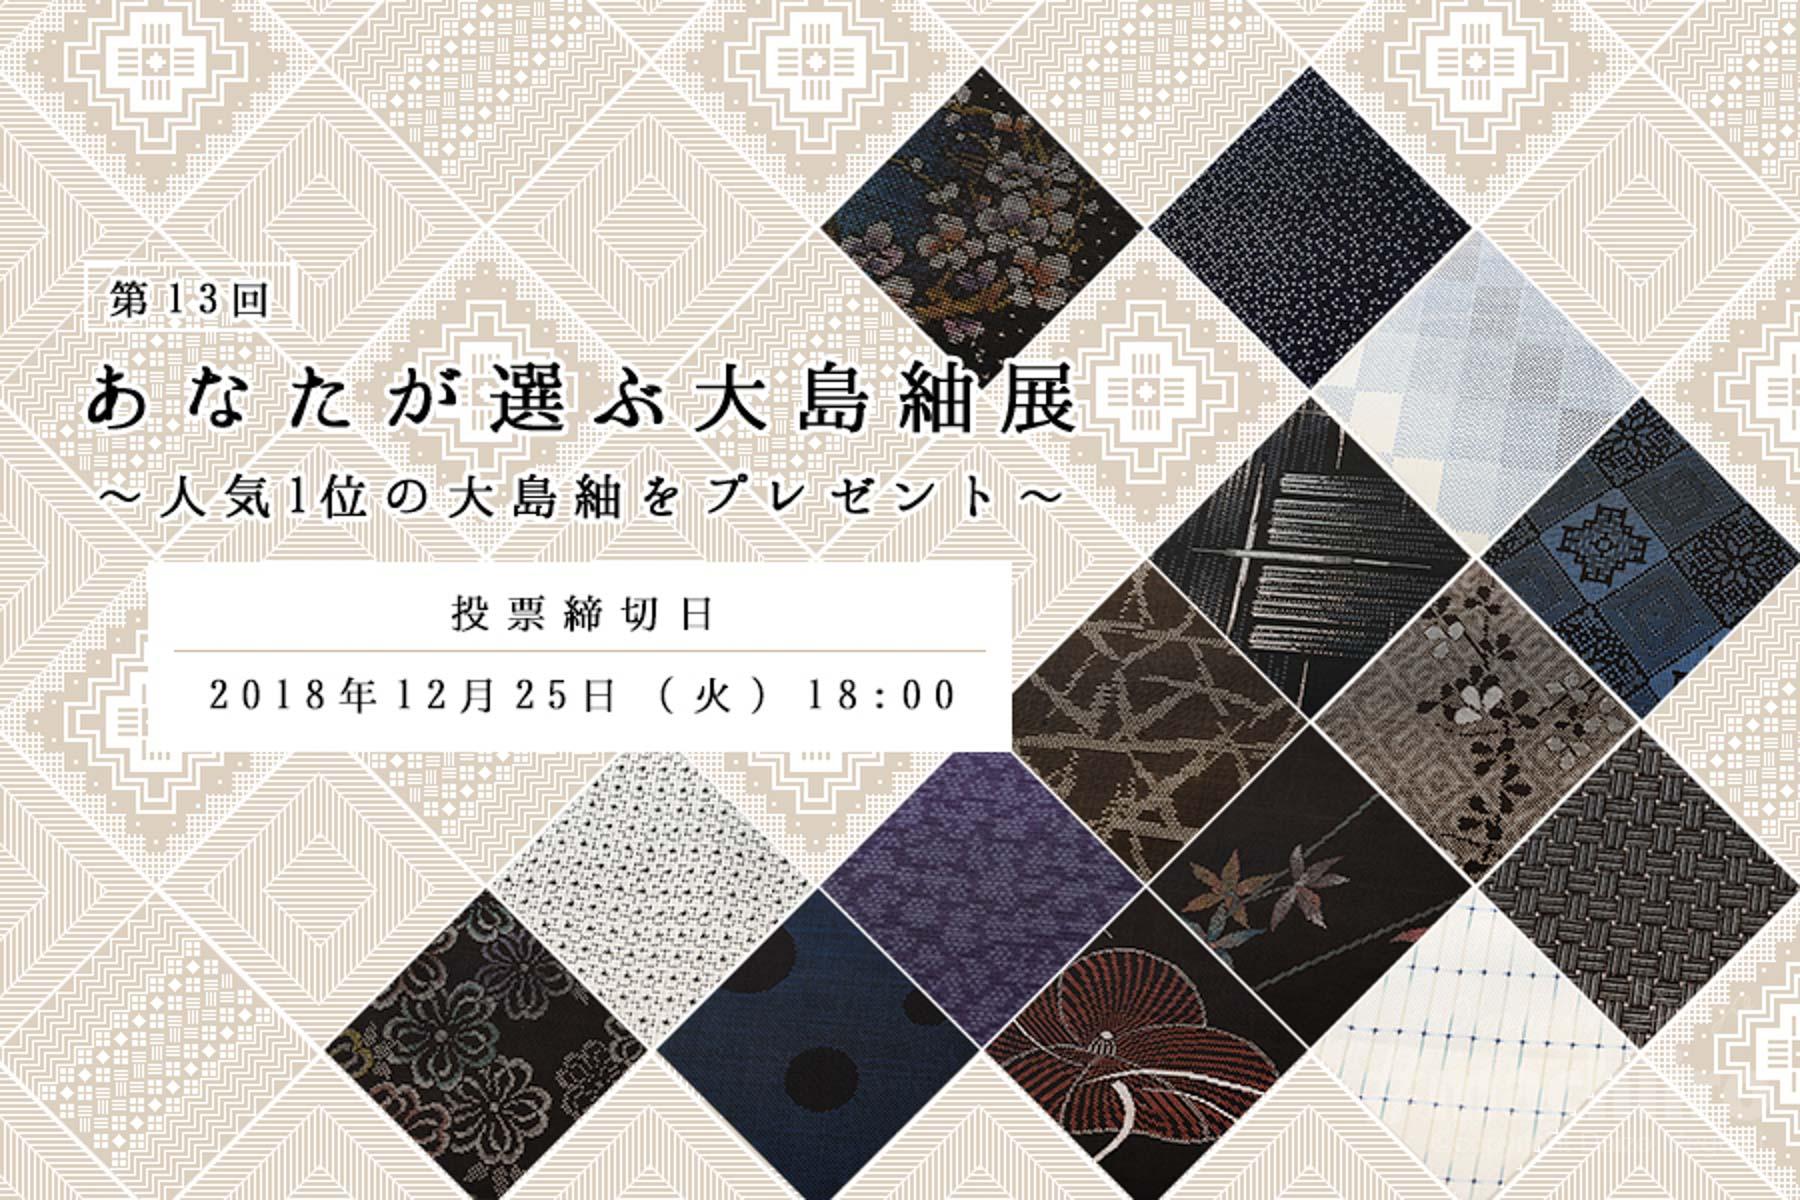 奄美探訪 大島紬資料写真 9